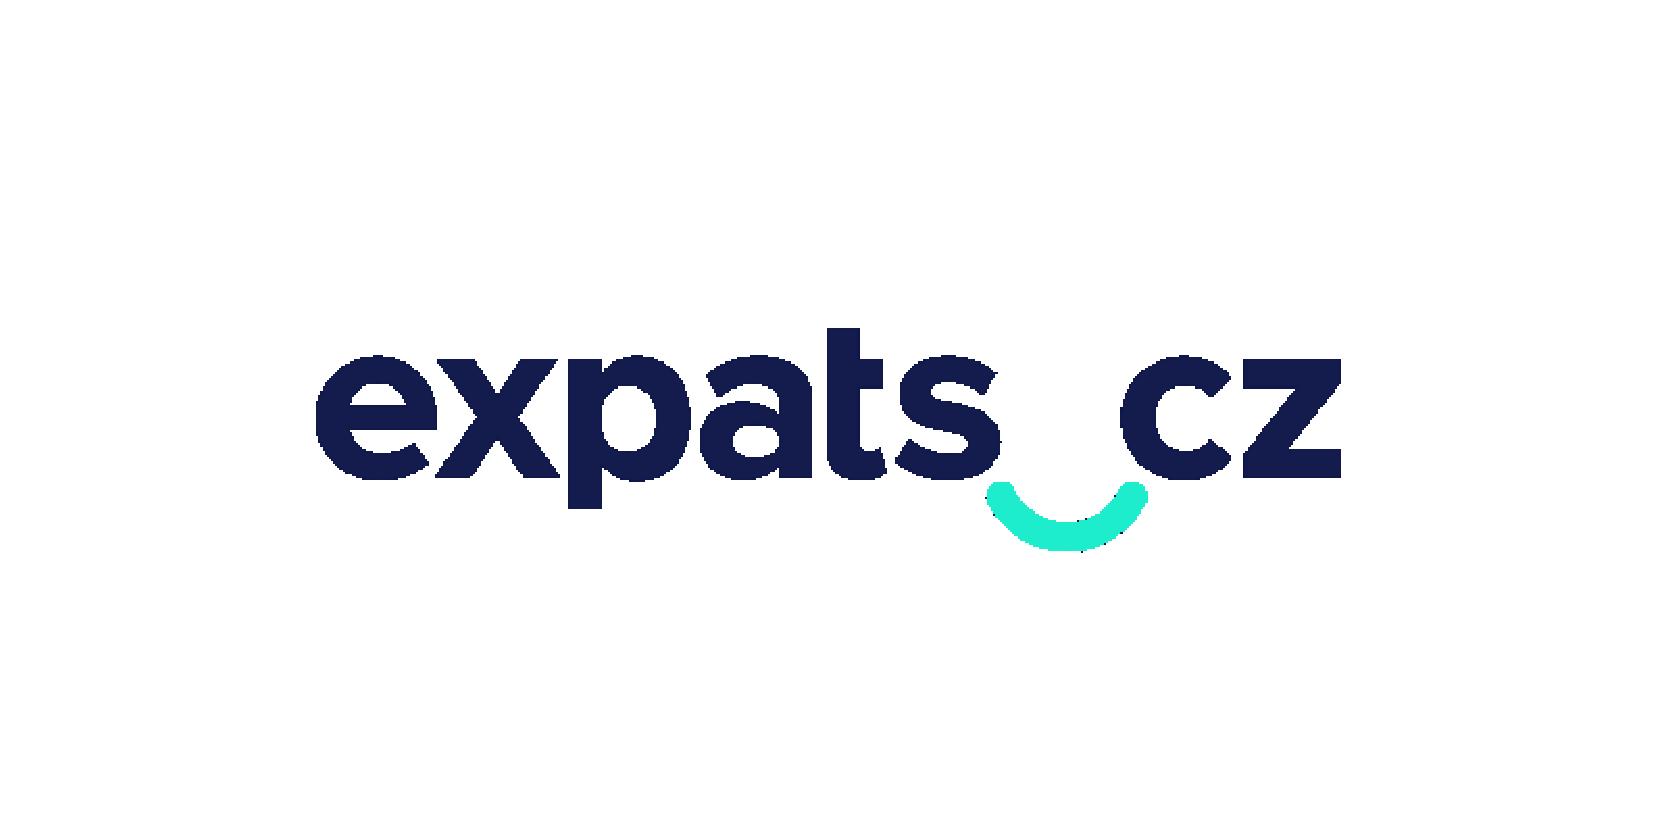 ii) Expats.cz